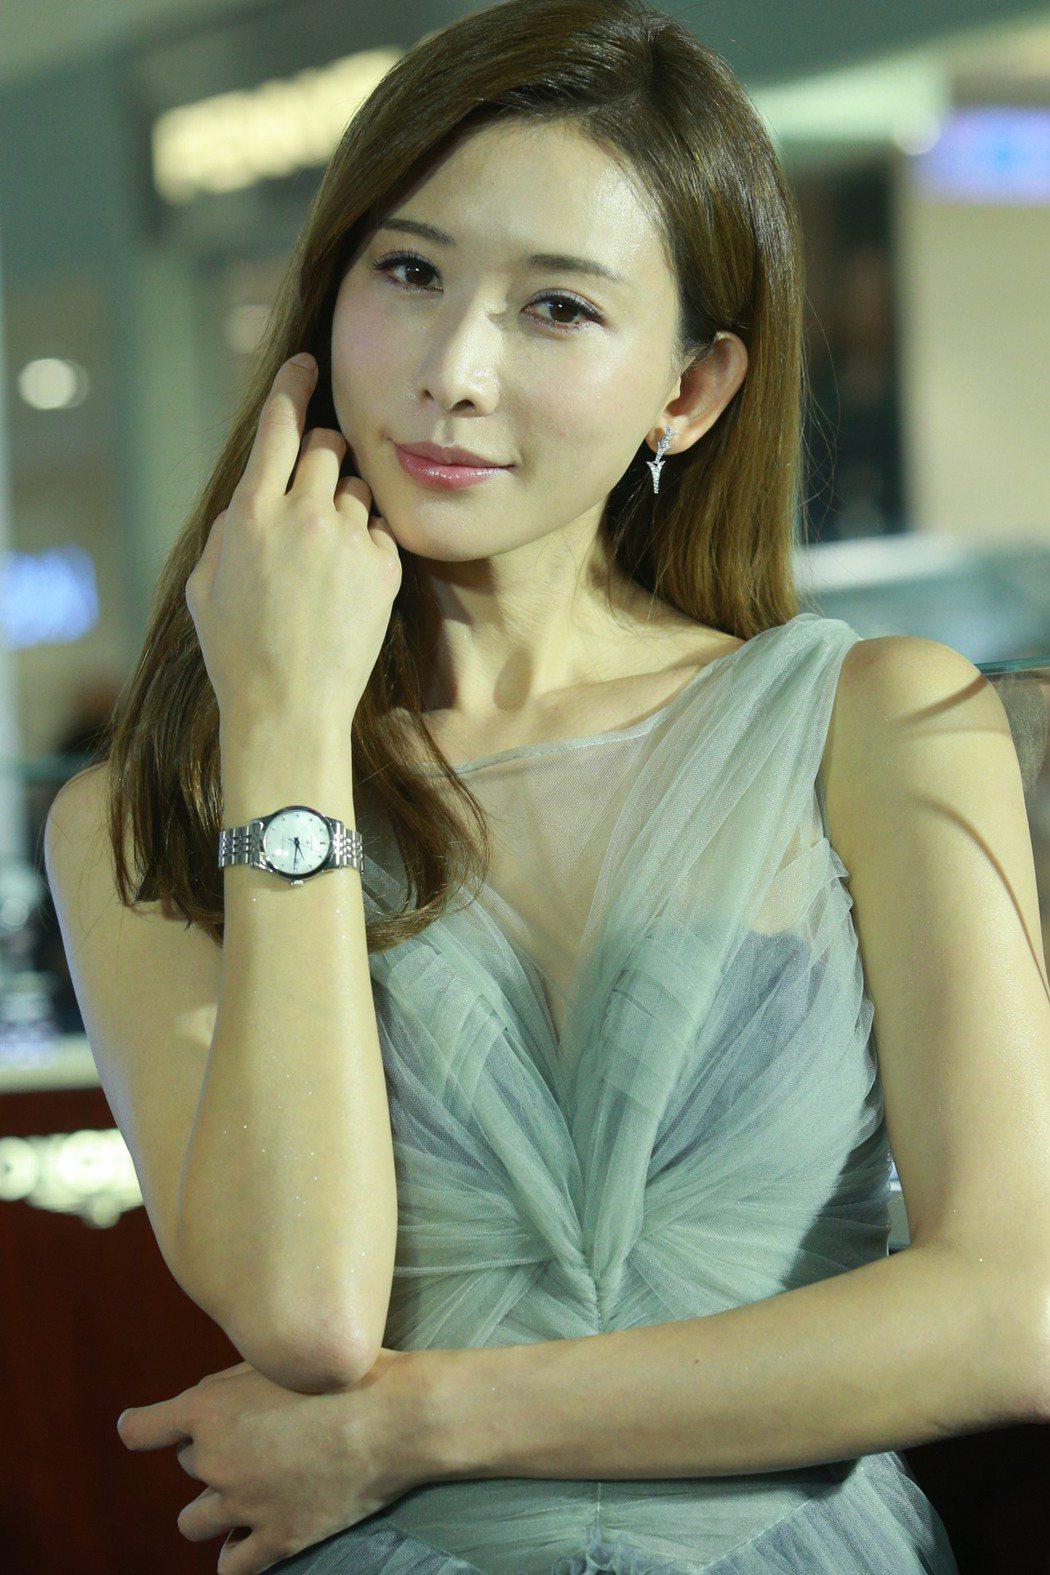 林志玲出席浪琴表新店開幕活動,依舊美麗優雅。記者劉學聖/攝影